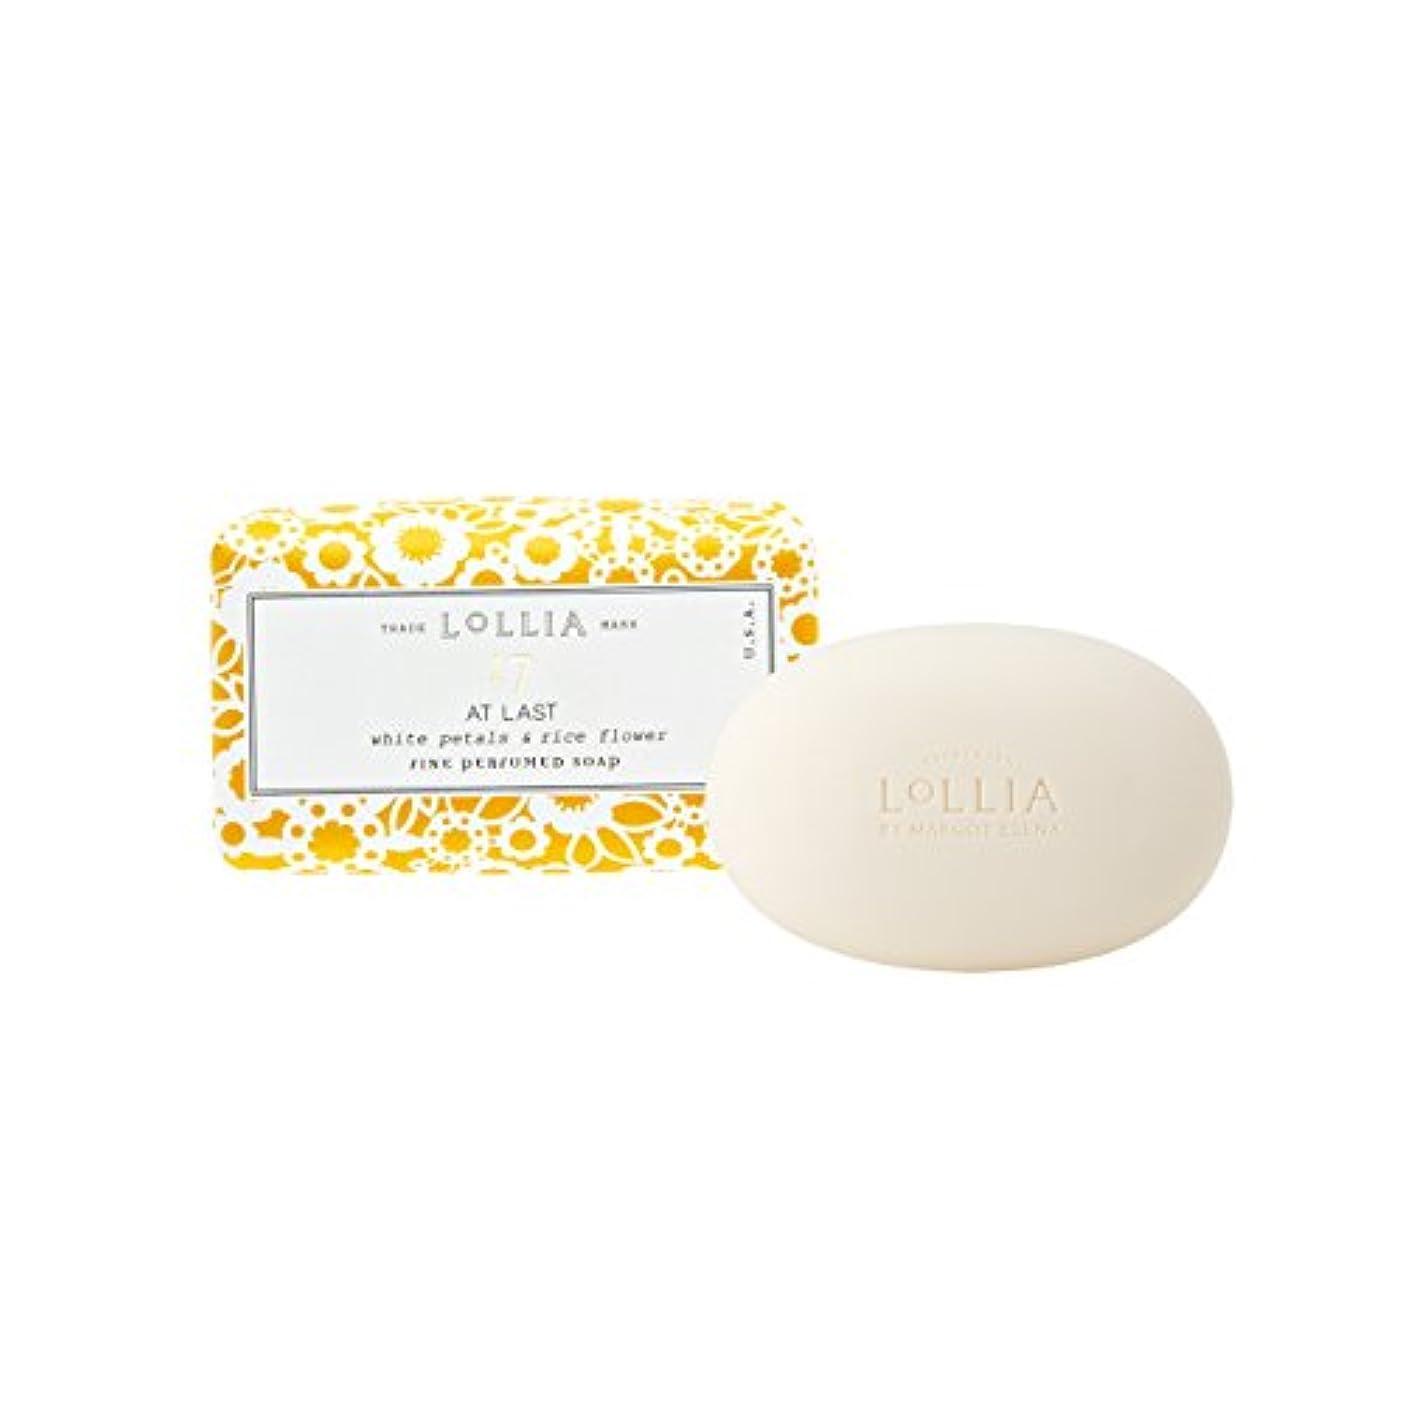 相関するかび臭い不快なロリア(LoLLIA) フレグランスソープ140g AtLast(化粧石けん 全身用洗浄料 ライスフラワー、マグノリアとミモザの柔らかな花々の香り)